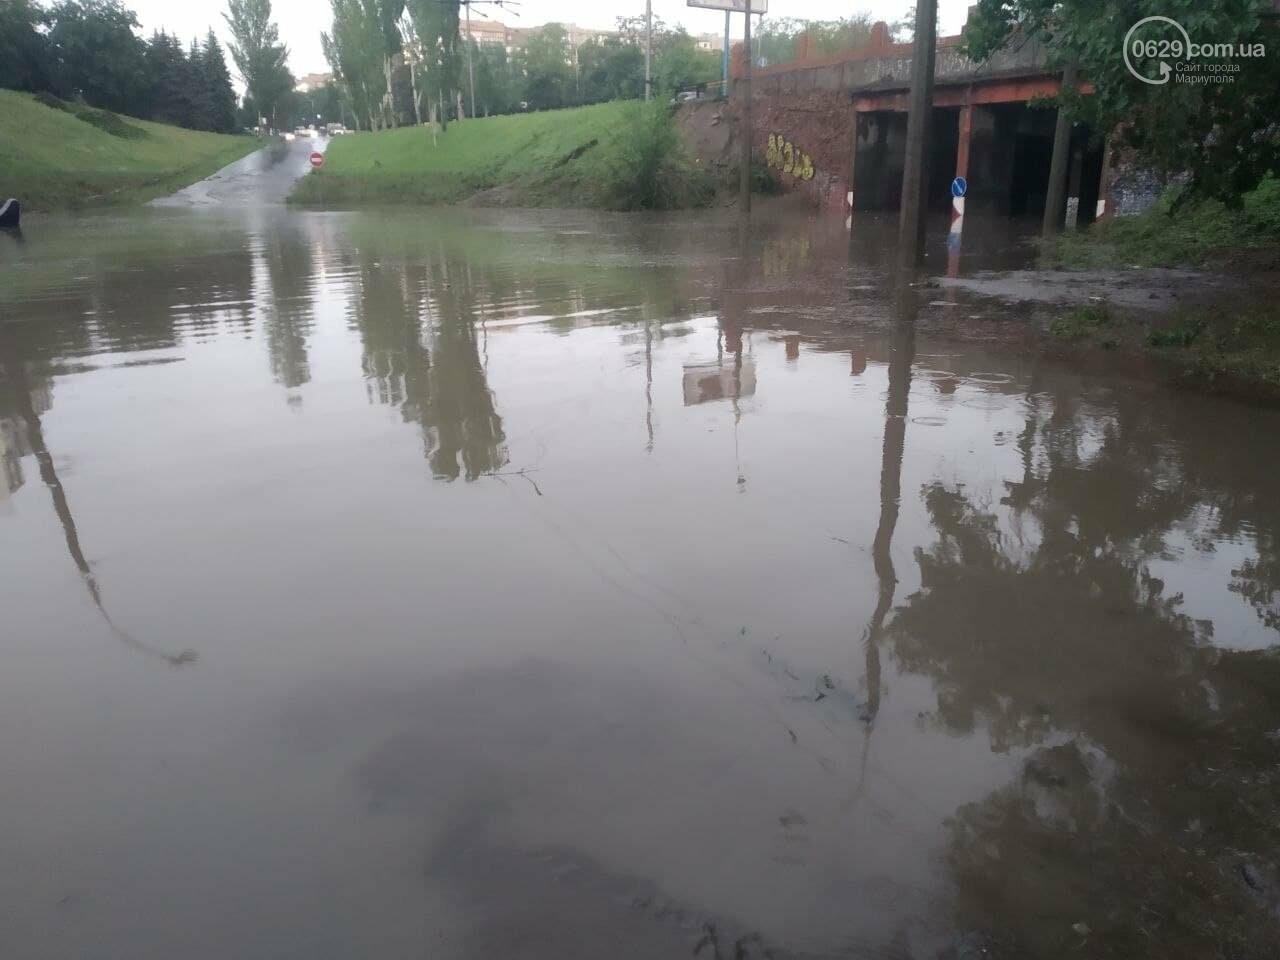 Погода или плохая работа? Кто ответит за потоп в Мариуполе, фото-1